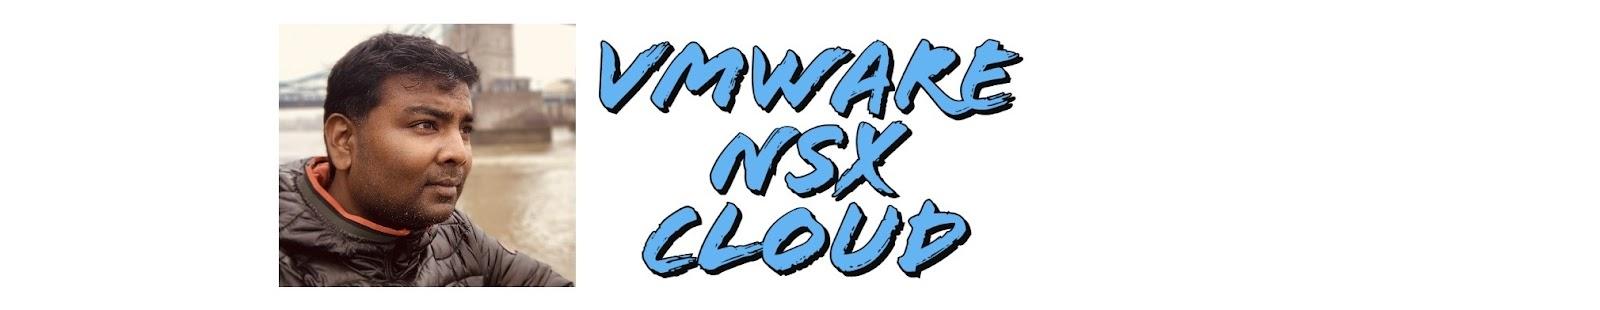 VMwareNSXCloud